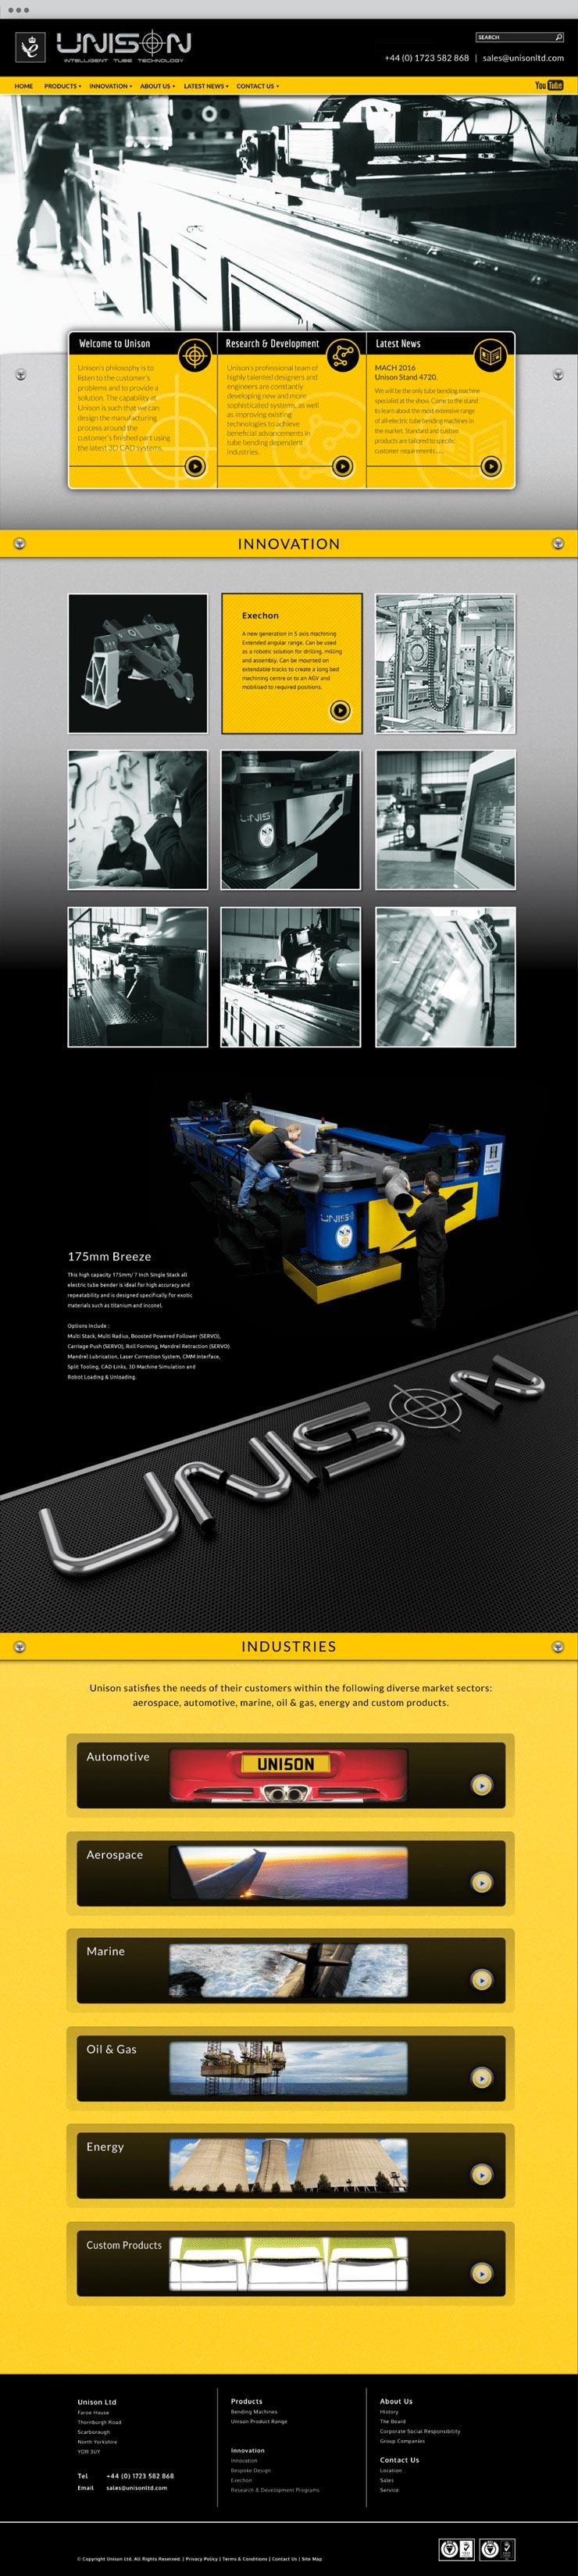 unison website